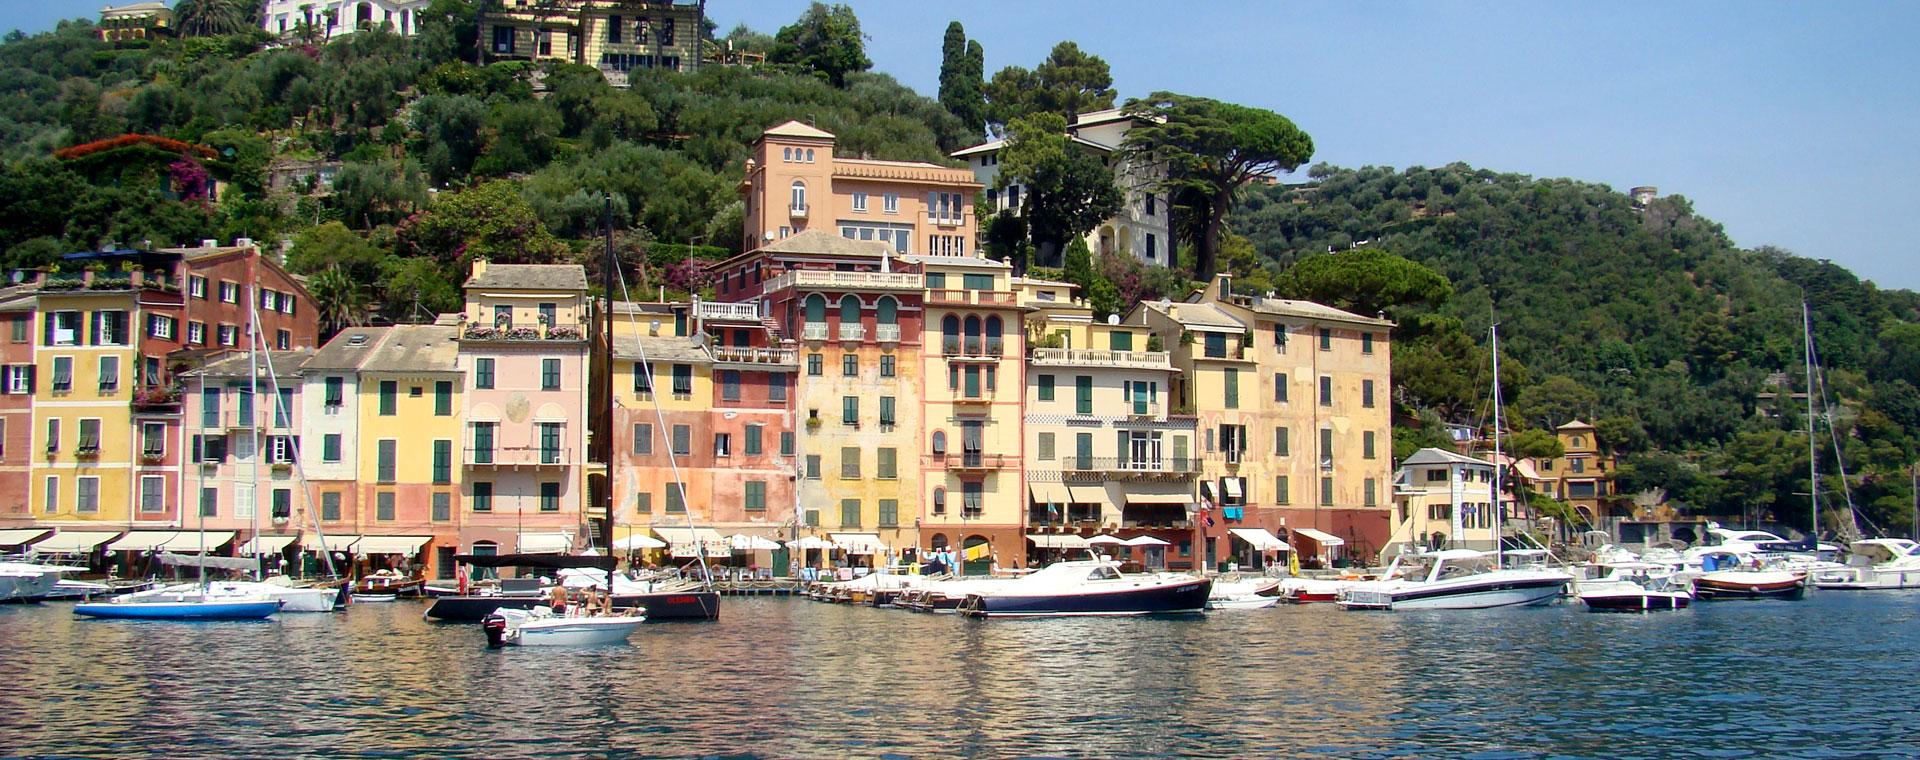 Voyage à pied : Les Cinque Terre et Portofino